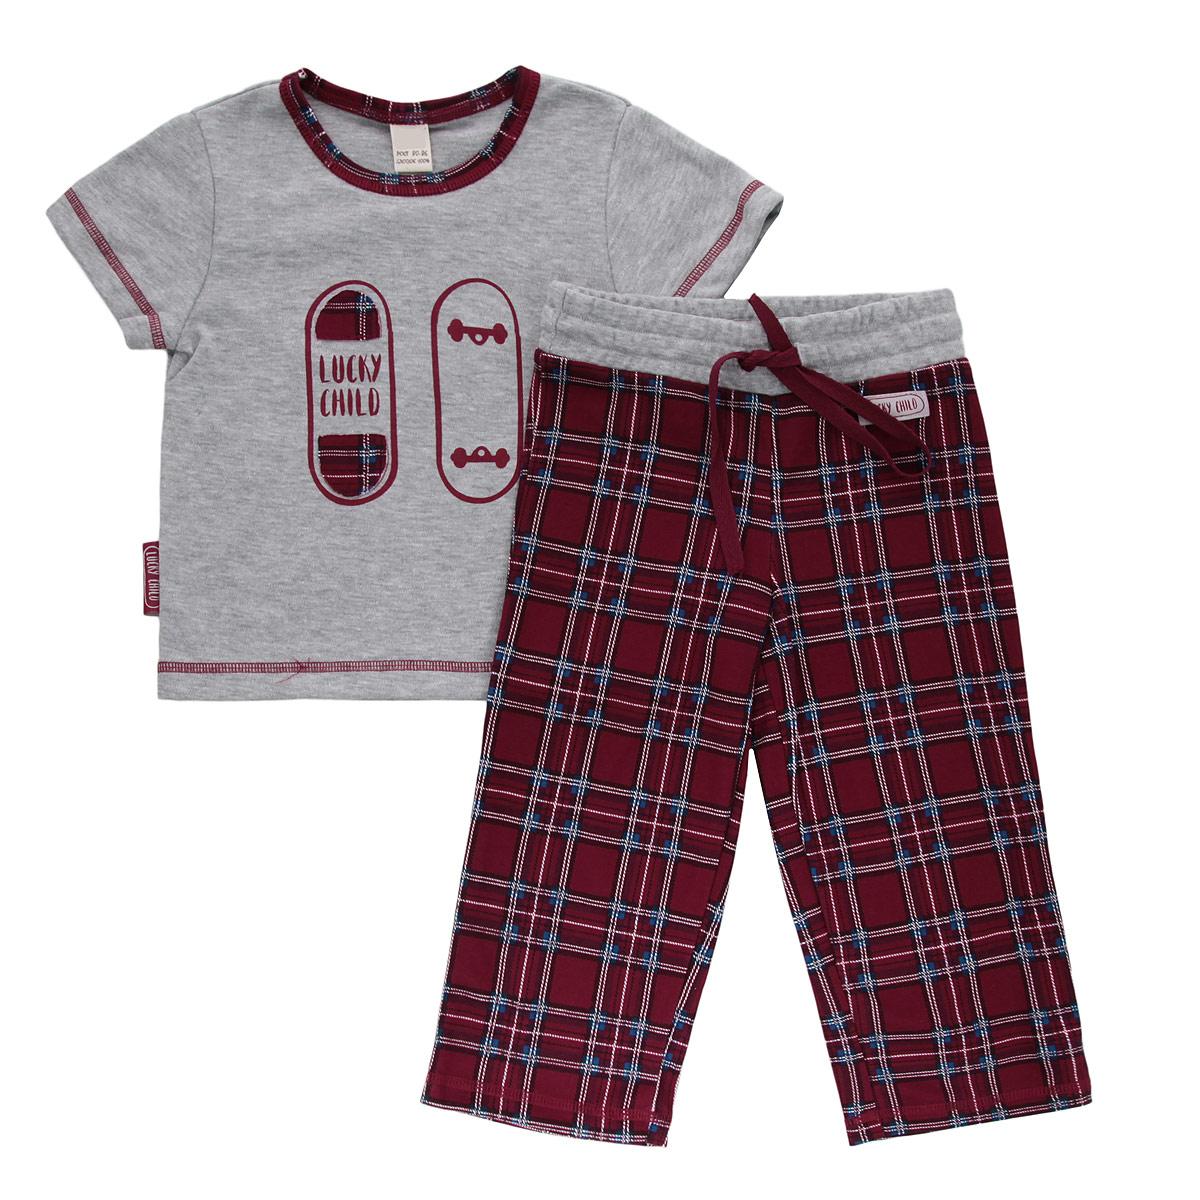 Пижама для мальчика Lucky Child, цвет: красный, серый. 13-402. Размер 122/12813-402Очаровательная пижама для мальчика Lucky Child, состоящая из футболки и брюк, идеально подойдет вашему малышу и станет отличным дополнением к детскому гардеробу. Изготовленная из натурального хлопка - интерлока, она необычайно мягкая и приятная на ощупь, не раздражает нежную кожу ребенка и хорошо вентилируется, а эластичные швы приятны телу малыша и не препятствуют его движениям. Футболка с короткими рукавами и круглым вырезом горловины оформлена спереди оригинальной аппликацией и принтом с изображением скейтборда. Вырез горловины дополнен контрастной бейкой, оформленной принтом в клетку. Низ рукавов и низ модели украшены контрастной фигурной прострочкой. Брюки прямого кроя на талии имеют широкий эластичный пояс со шнурком, благодаря чему они не сдавливают животик ребенка и не сползают. Оформлены брюки принтом в клетку и украшены небольшой нашивкой с названием бренда. Такая пижама идеально подойдет вашему малышу, а мягкие полотна позволят маленькому непоседе комфортно чувствовать себя во время сна!